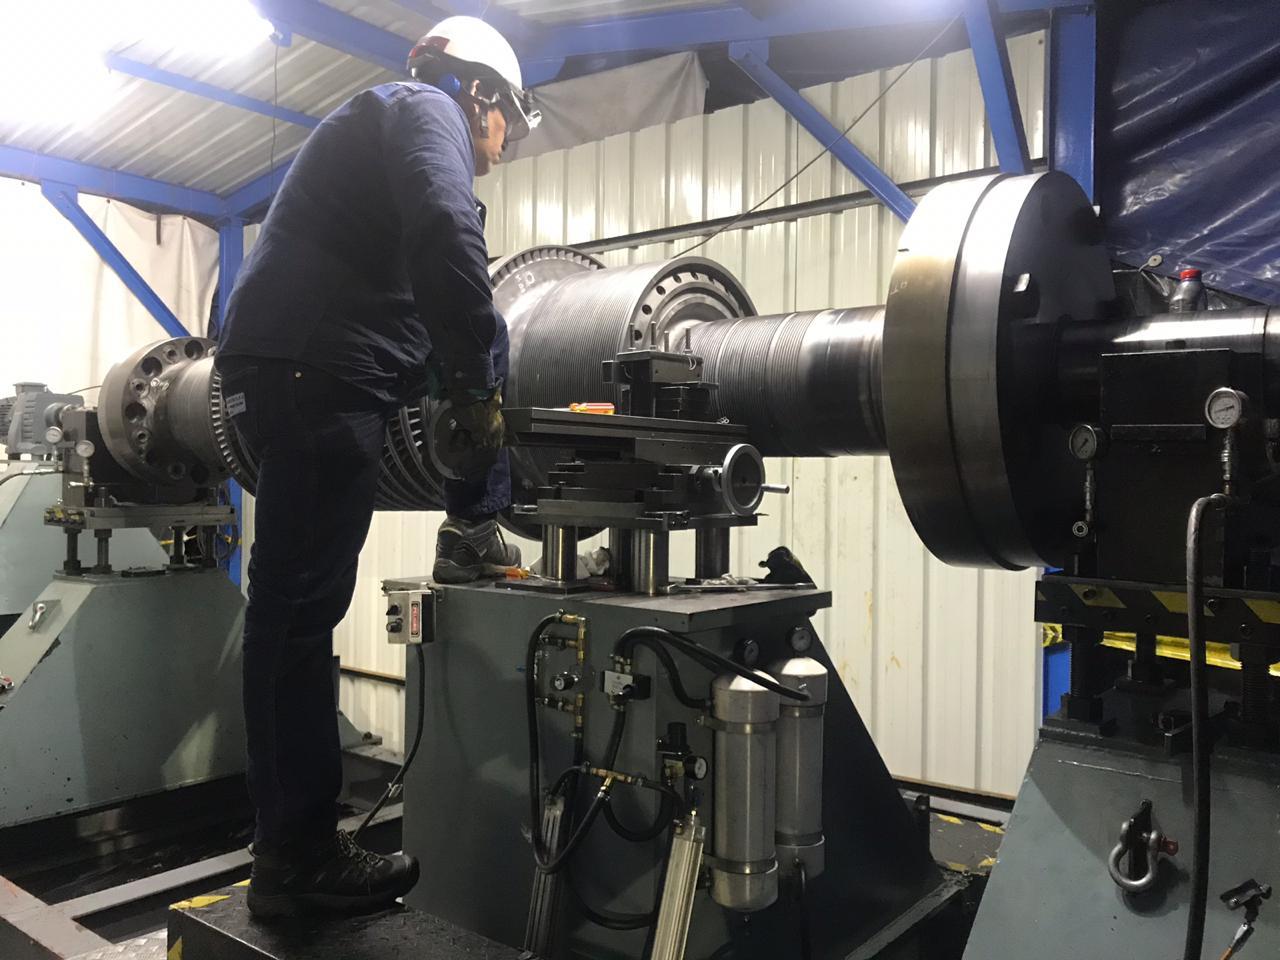 Somos una empresa metalmecánica de alta precisión, dedicada a la reparación, reconstrucción y fabricación de piezas para maquinaria industrial, liviana y pesada.